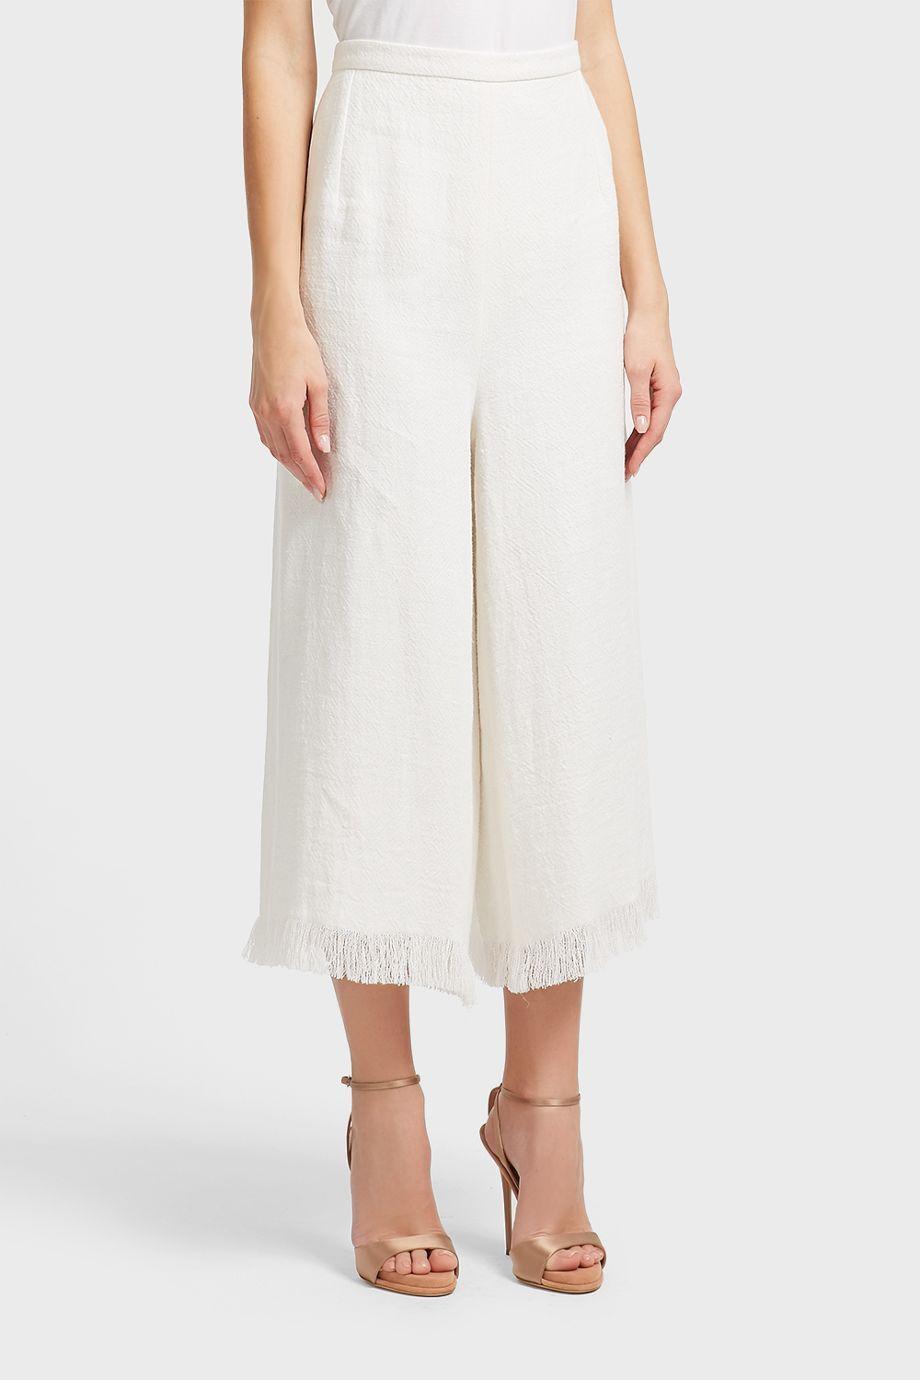 Andrew Gn Fringe Trim Linen Trousers